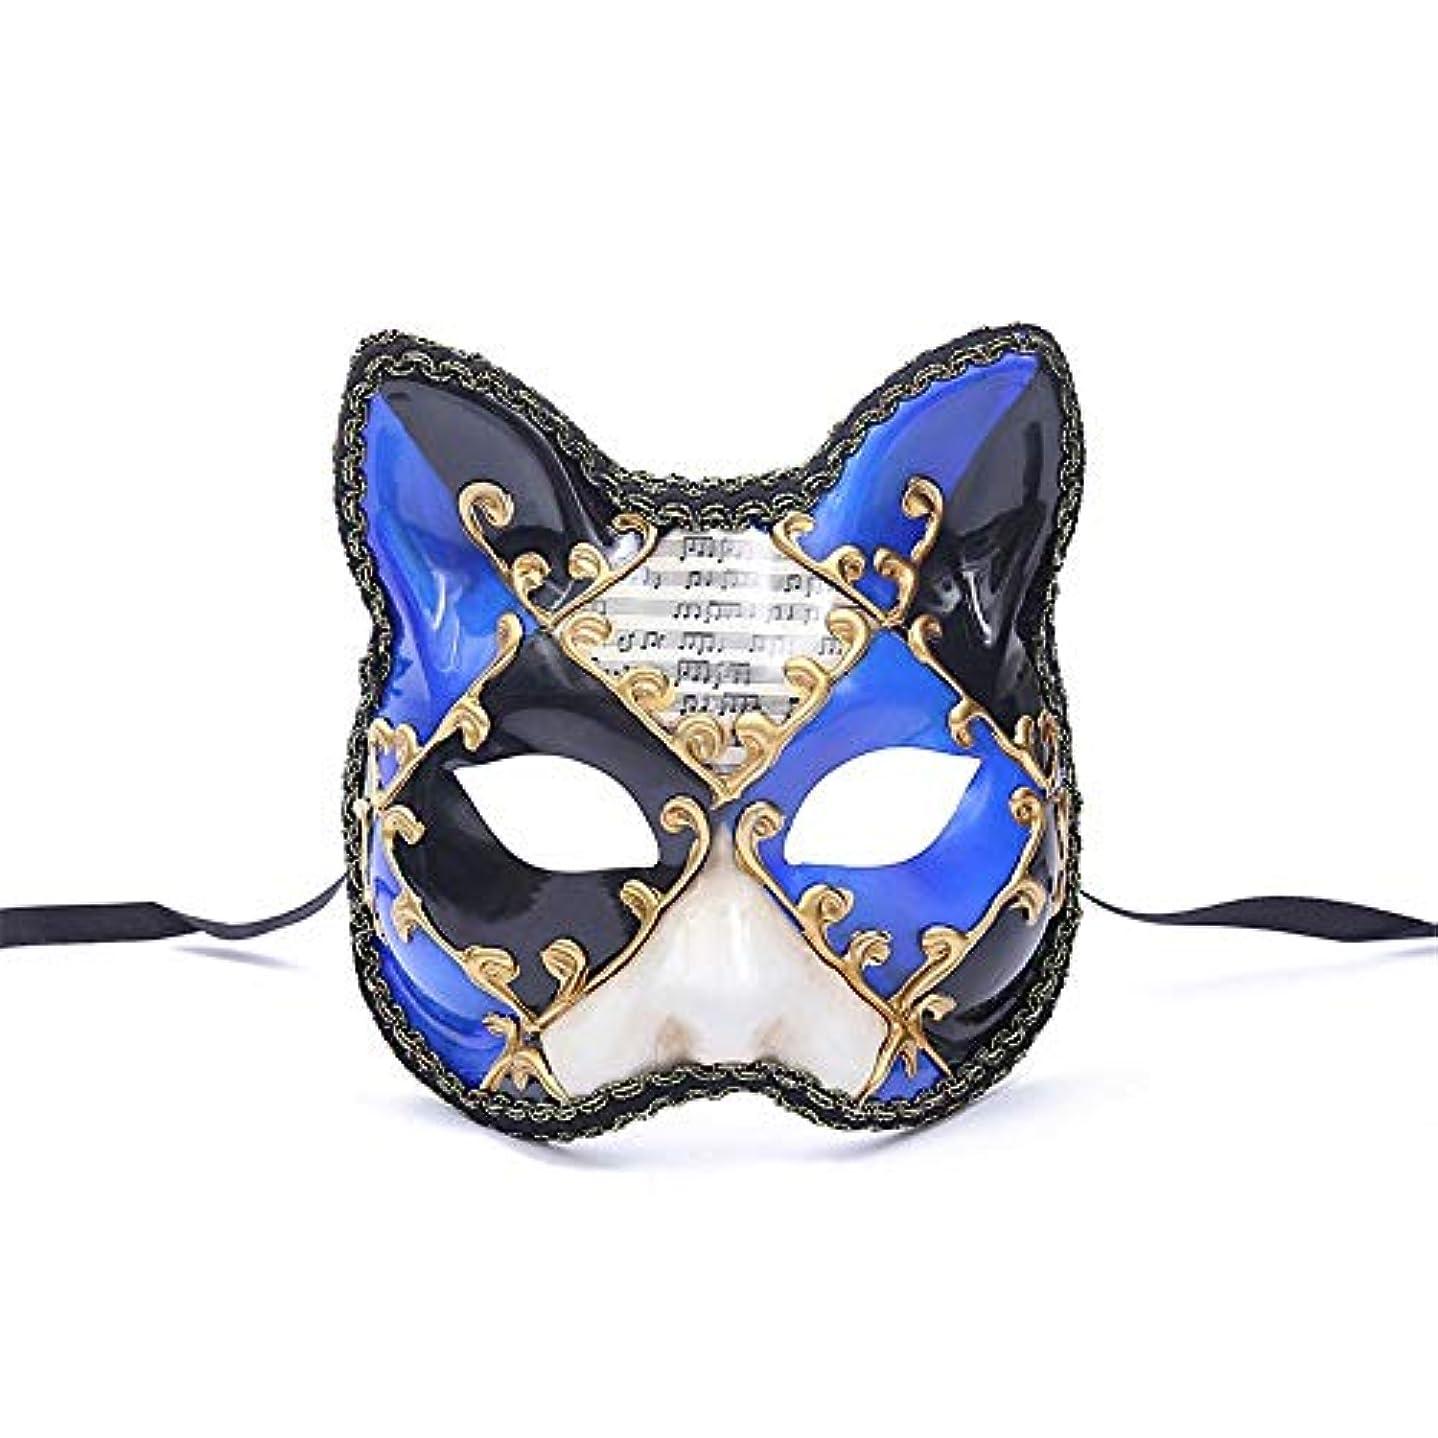 日戻すイベントダンスマスク 大きな猫アンティーク動物レトロコスプレハロウィーン仮装マスクナイトクラブマスク雰囲気フェスティバルマスク ホリデーパーティー用品 (色 : 青, サイズ : 17.5x16cm)